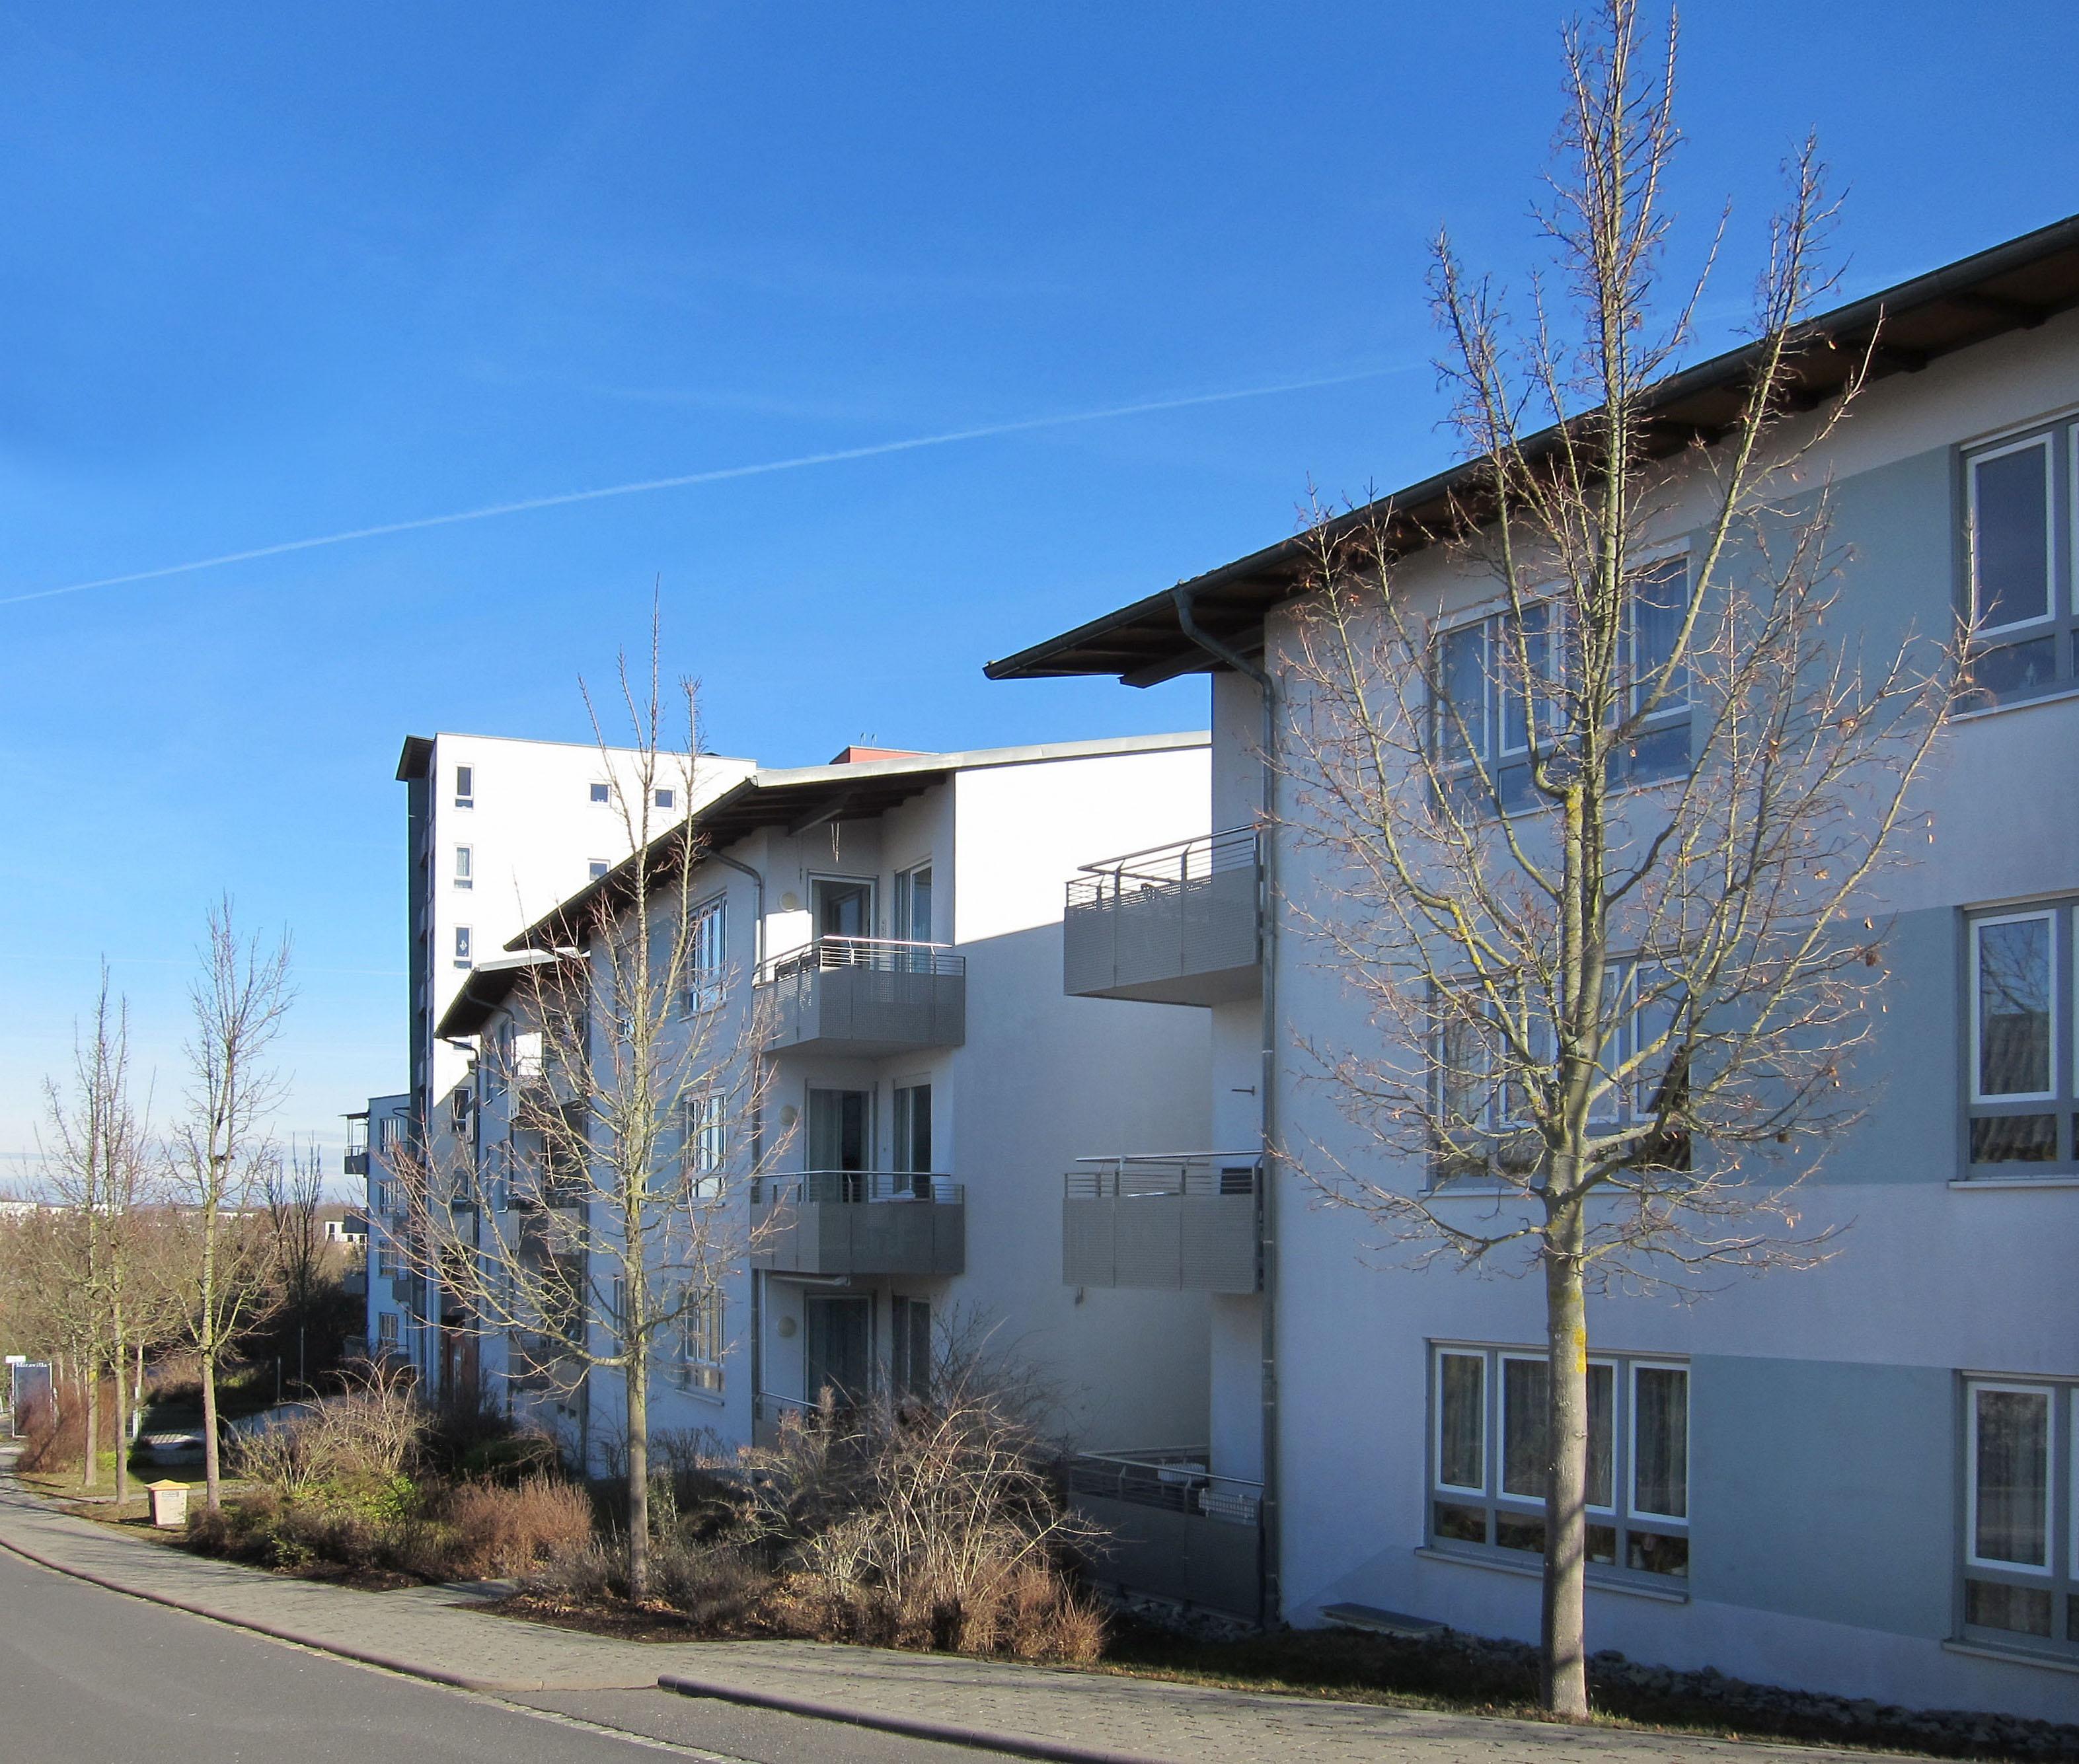 2 Zimmer Apartment In Würzburg's